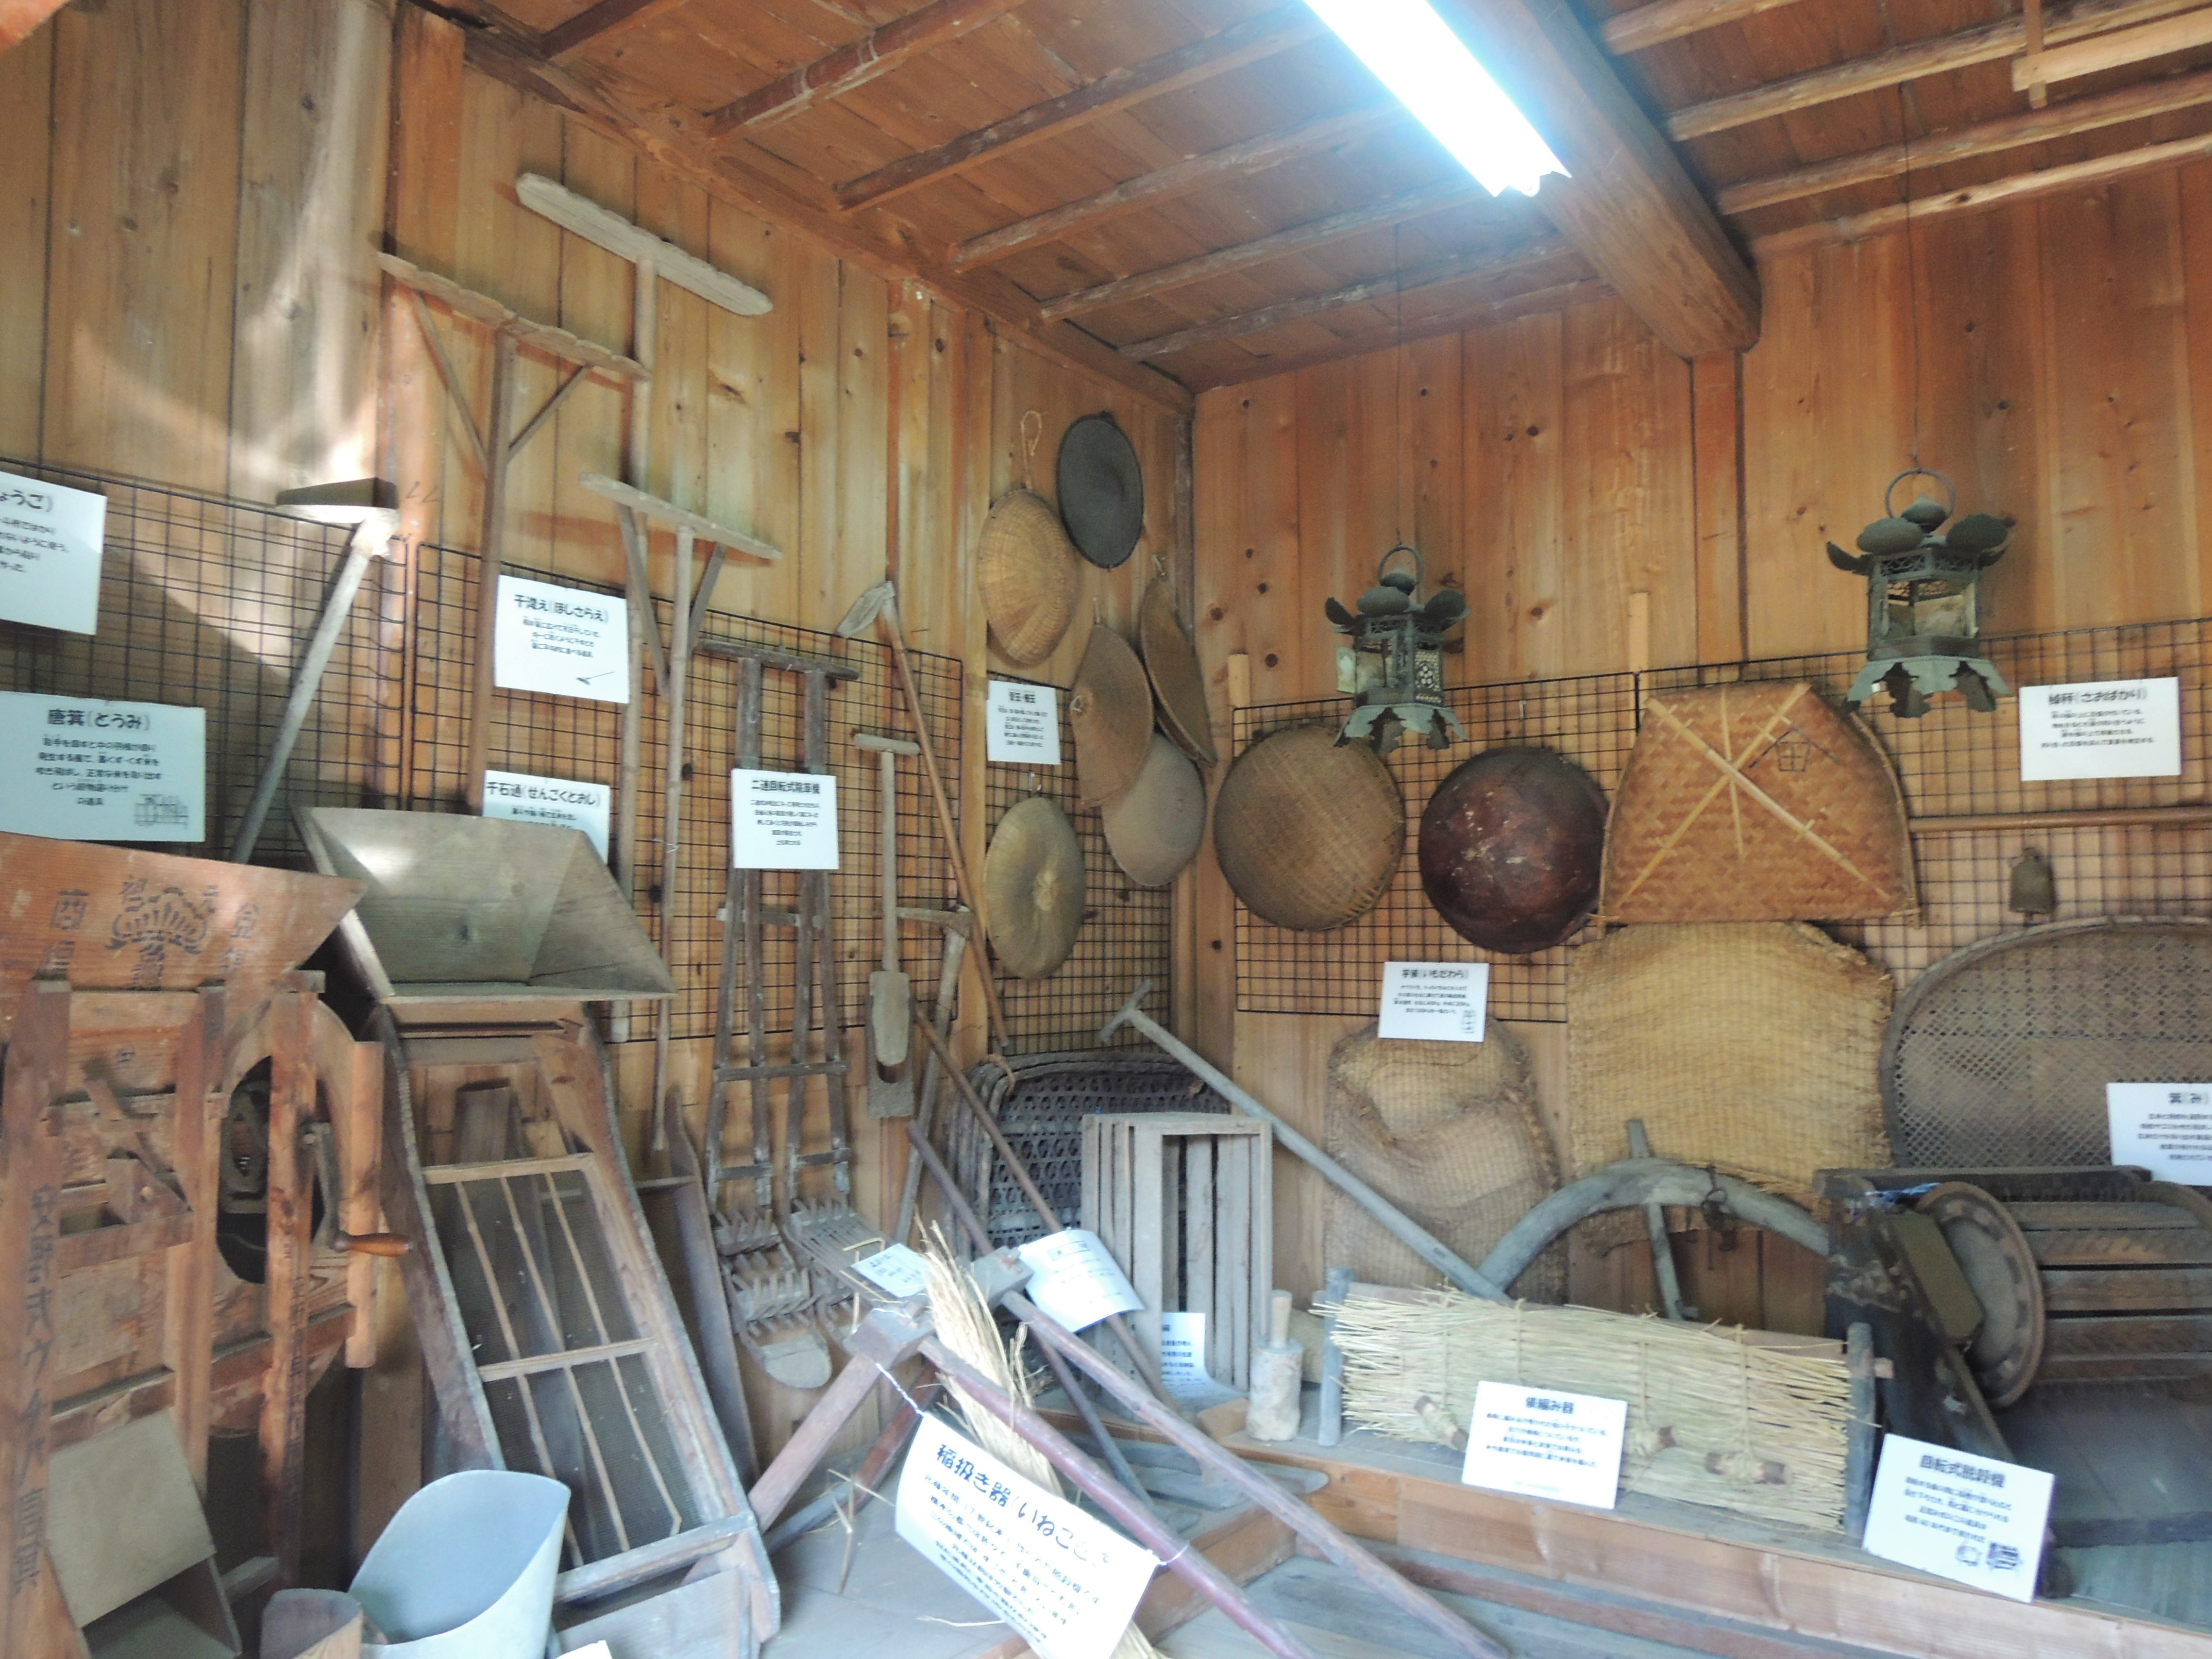 <p>米蔵を民俗資料館として公開活用</p>3部屋を古文書・農機具・調度品に分け、所蔵品や地域からの寄贈品を展示、歴史や暮らしの工夫が伝わる。